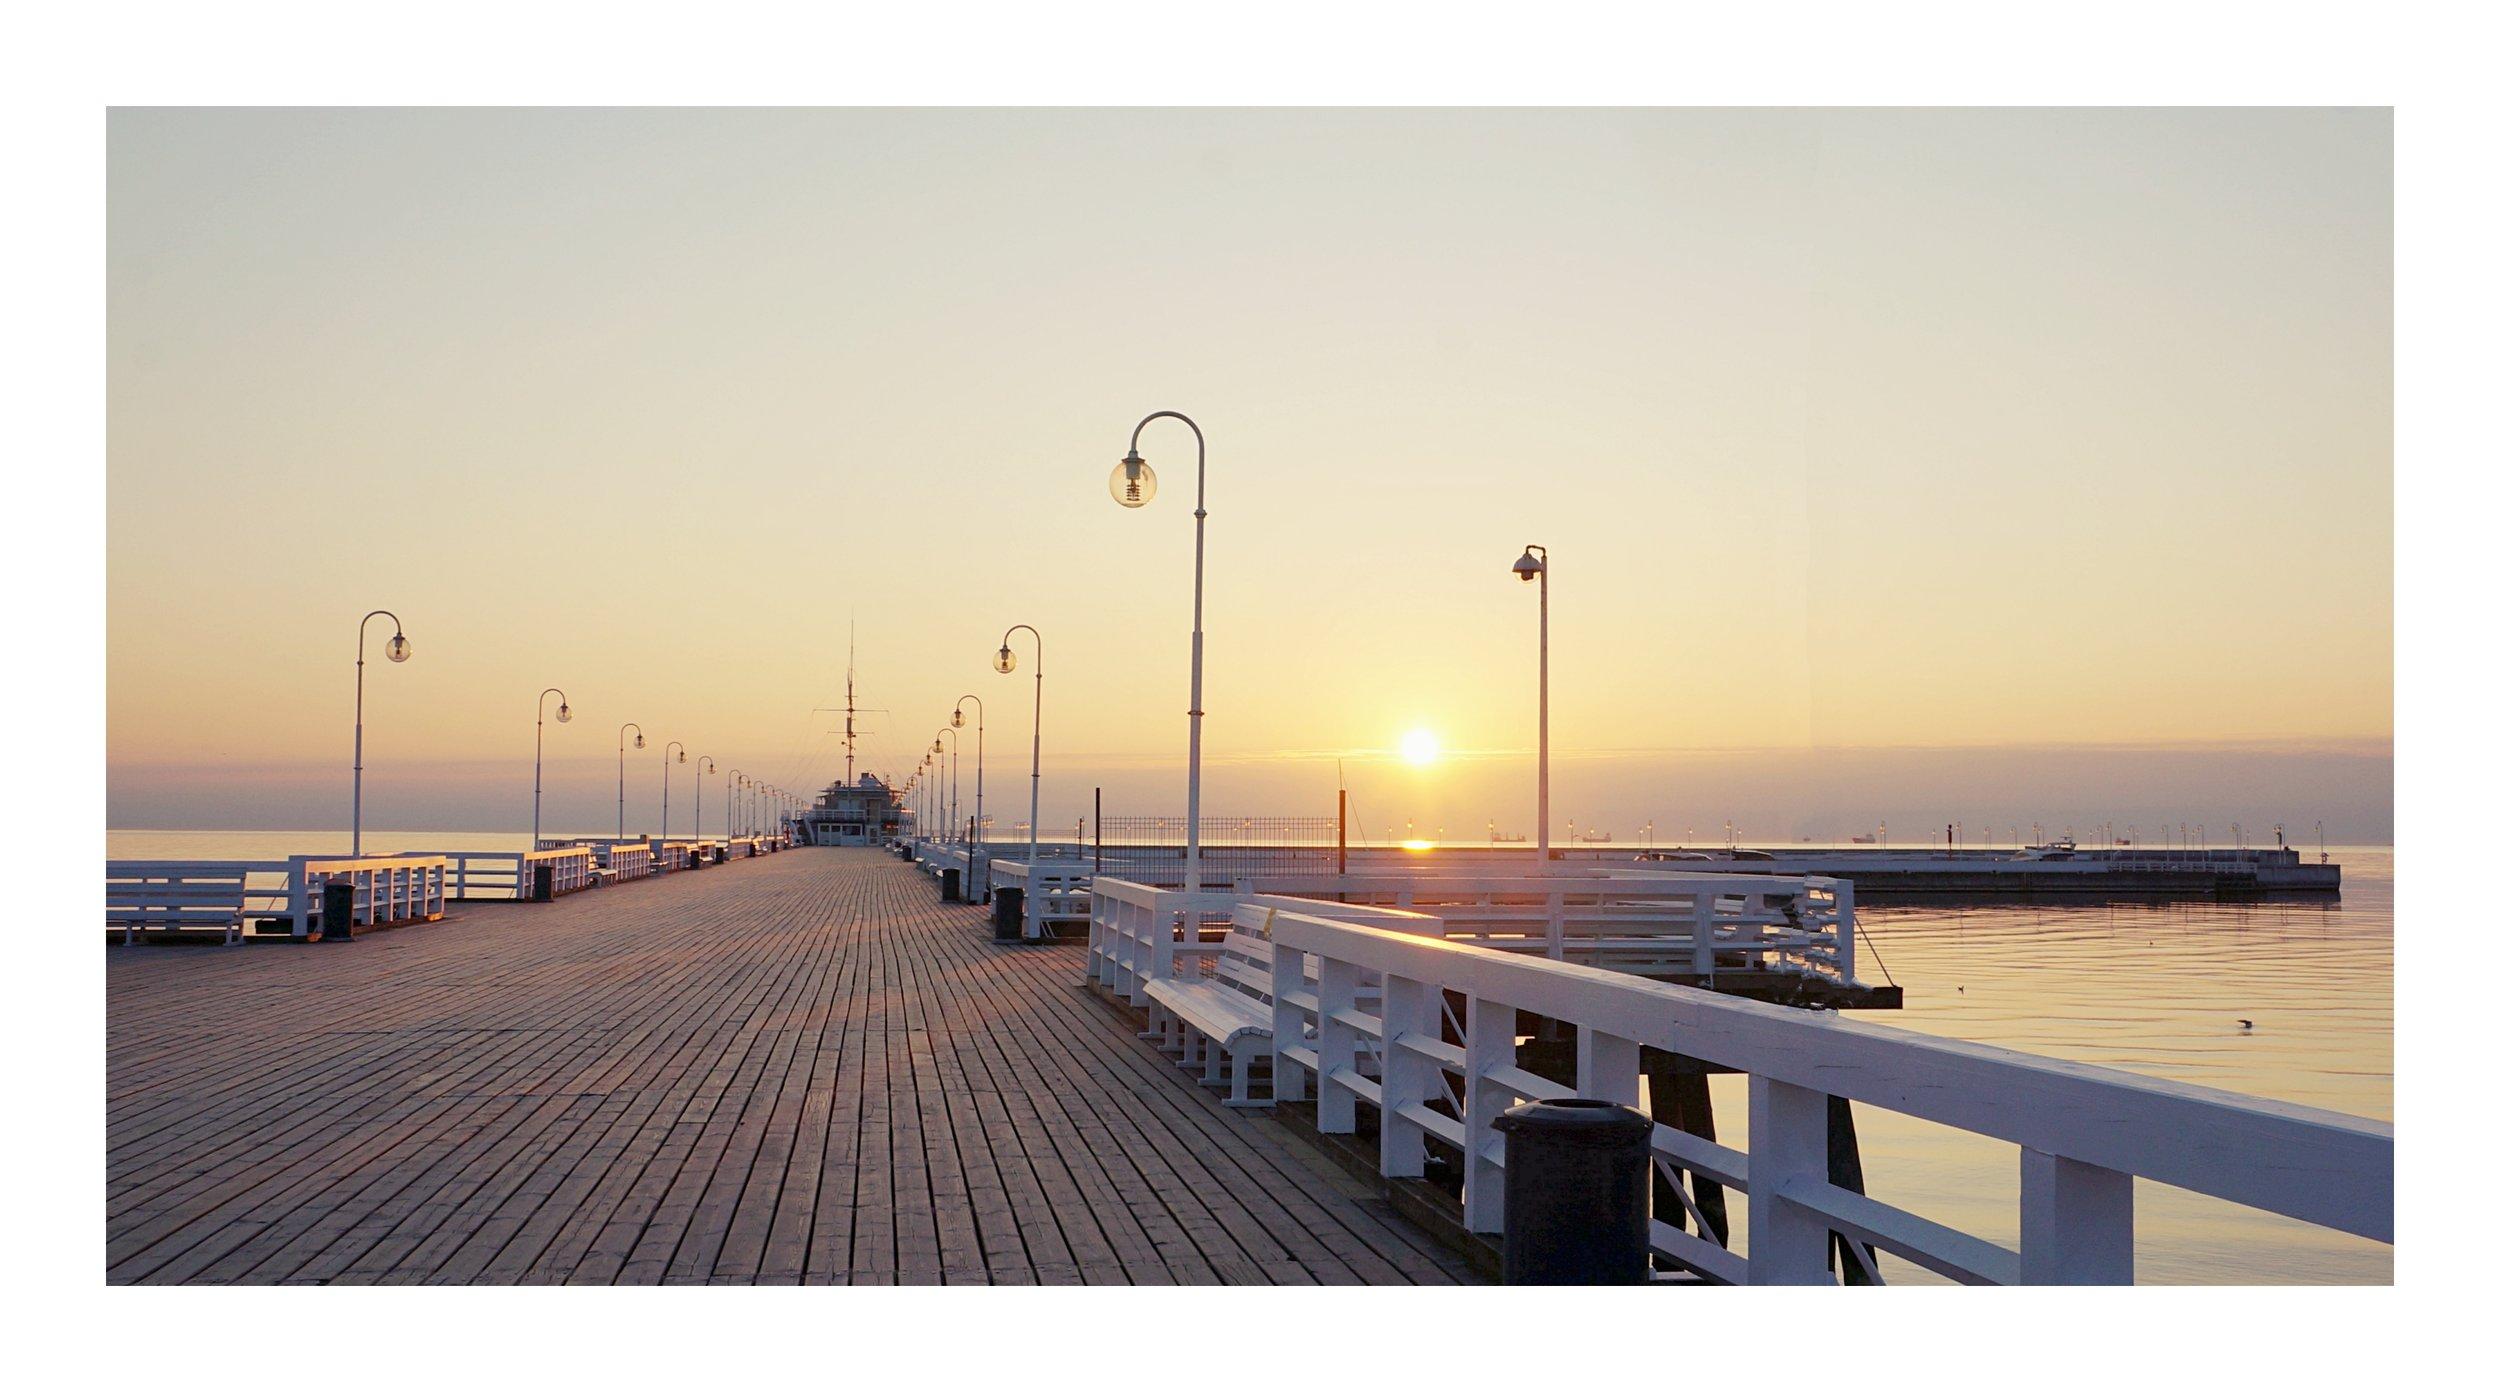 MOLO - Molo w Sopocie ma 511,5 m długości, co czyni go najdłuższym w Polsce. Stanowi najbardziej rozpoznawalny i najchętniej odwiedzany obiekt miasta. Ponad 450 metrów drewnianego mostu wchodzi wgłąb Morza Bałtyckiego, a na jego końcu znajduje się nowoczesna przystań portowa, mieszcząca do 100 jachtów.